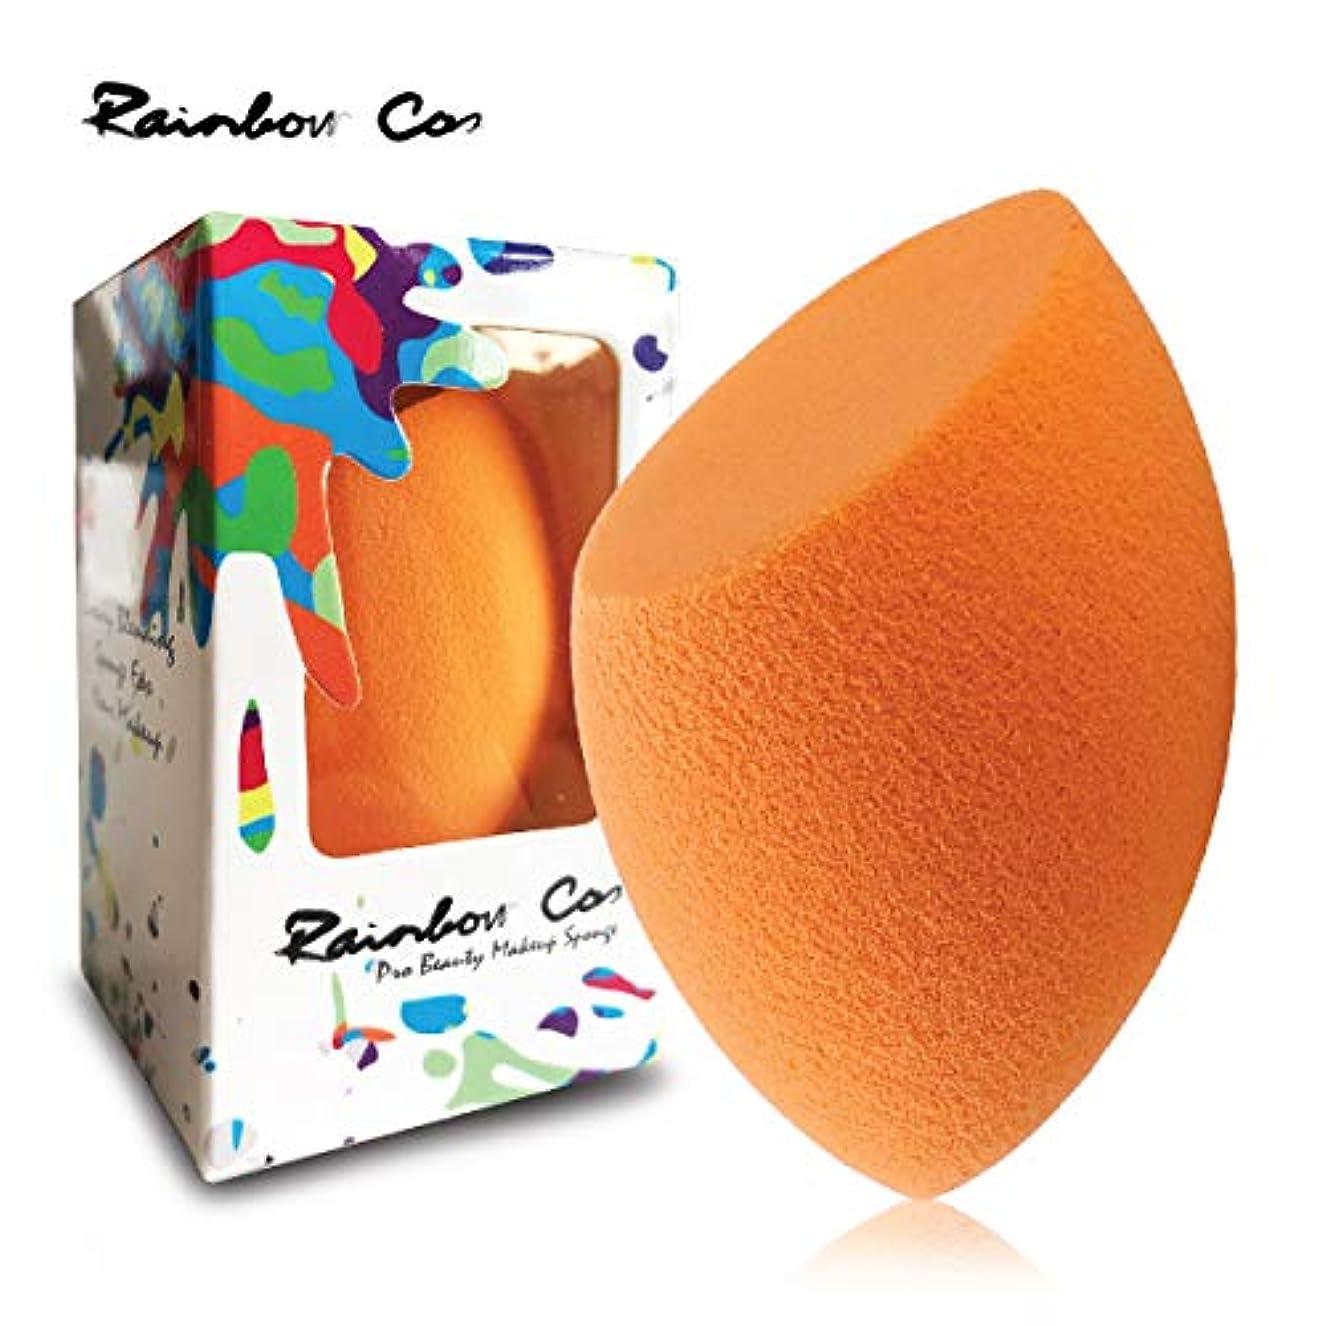 残酷な生活背骨Rainbow Cos Premium Flat Edge Olive Sponge Beauty Foundation Sponge Blender for Applicator, Foundation and Highlight...